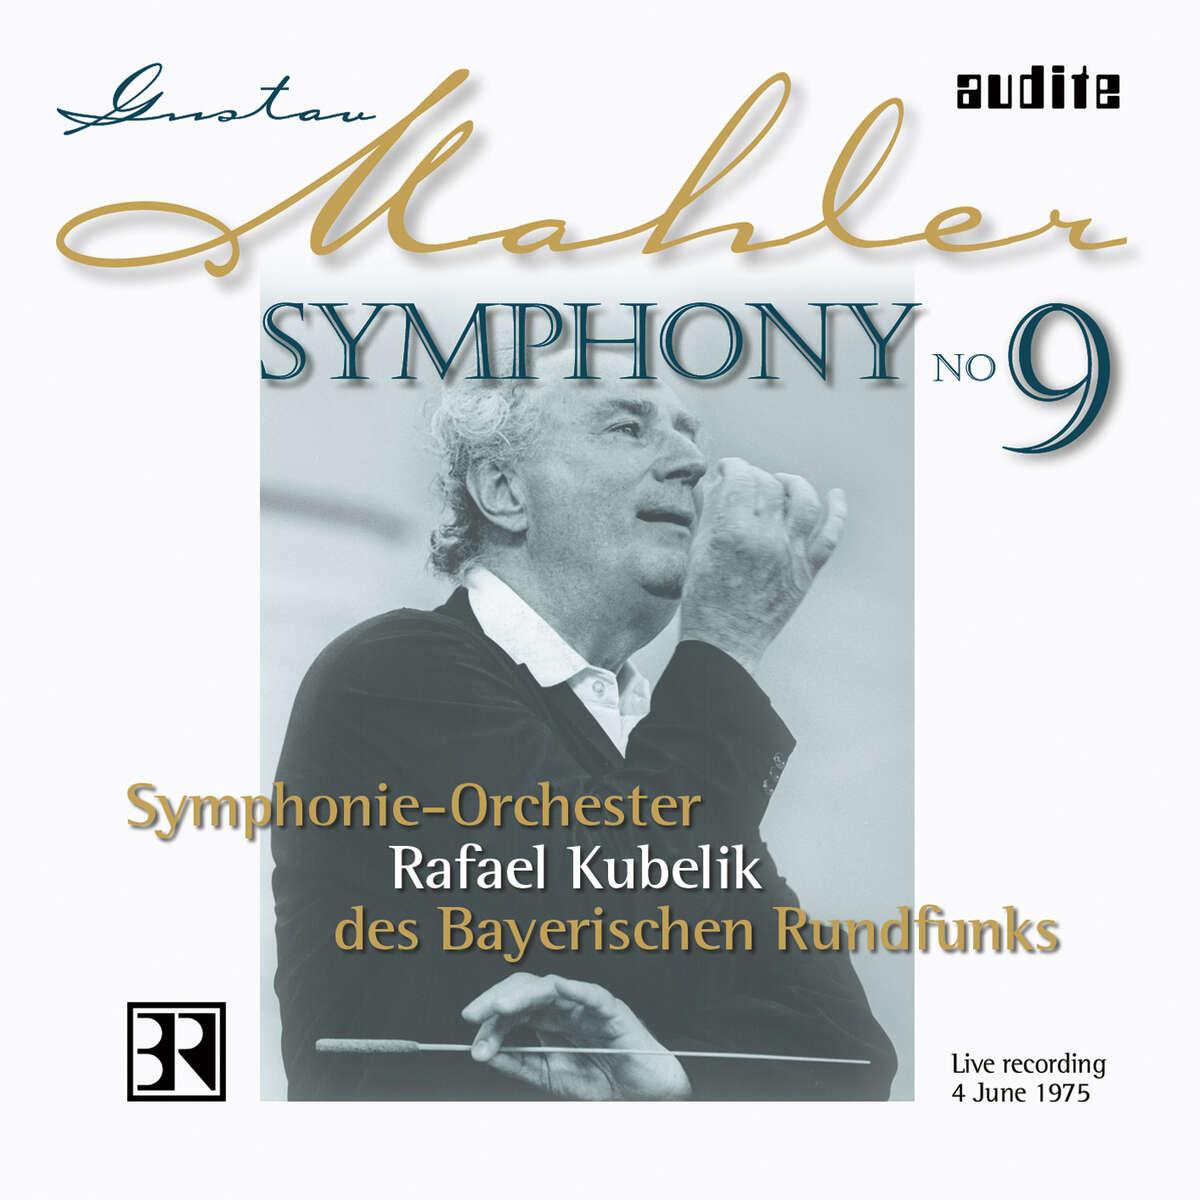 G. Mahler: Symphony No. 9